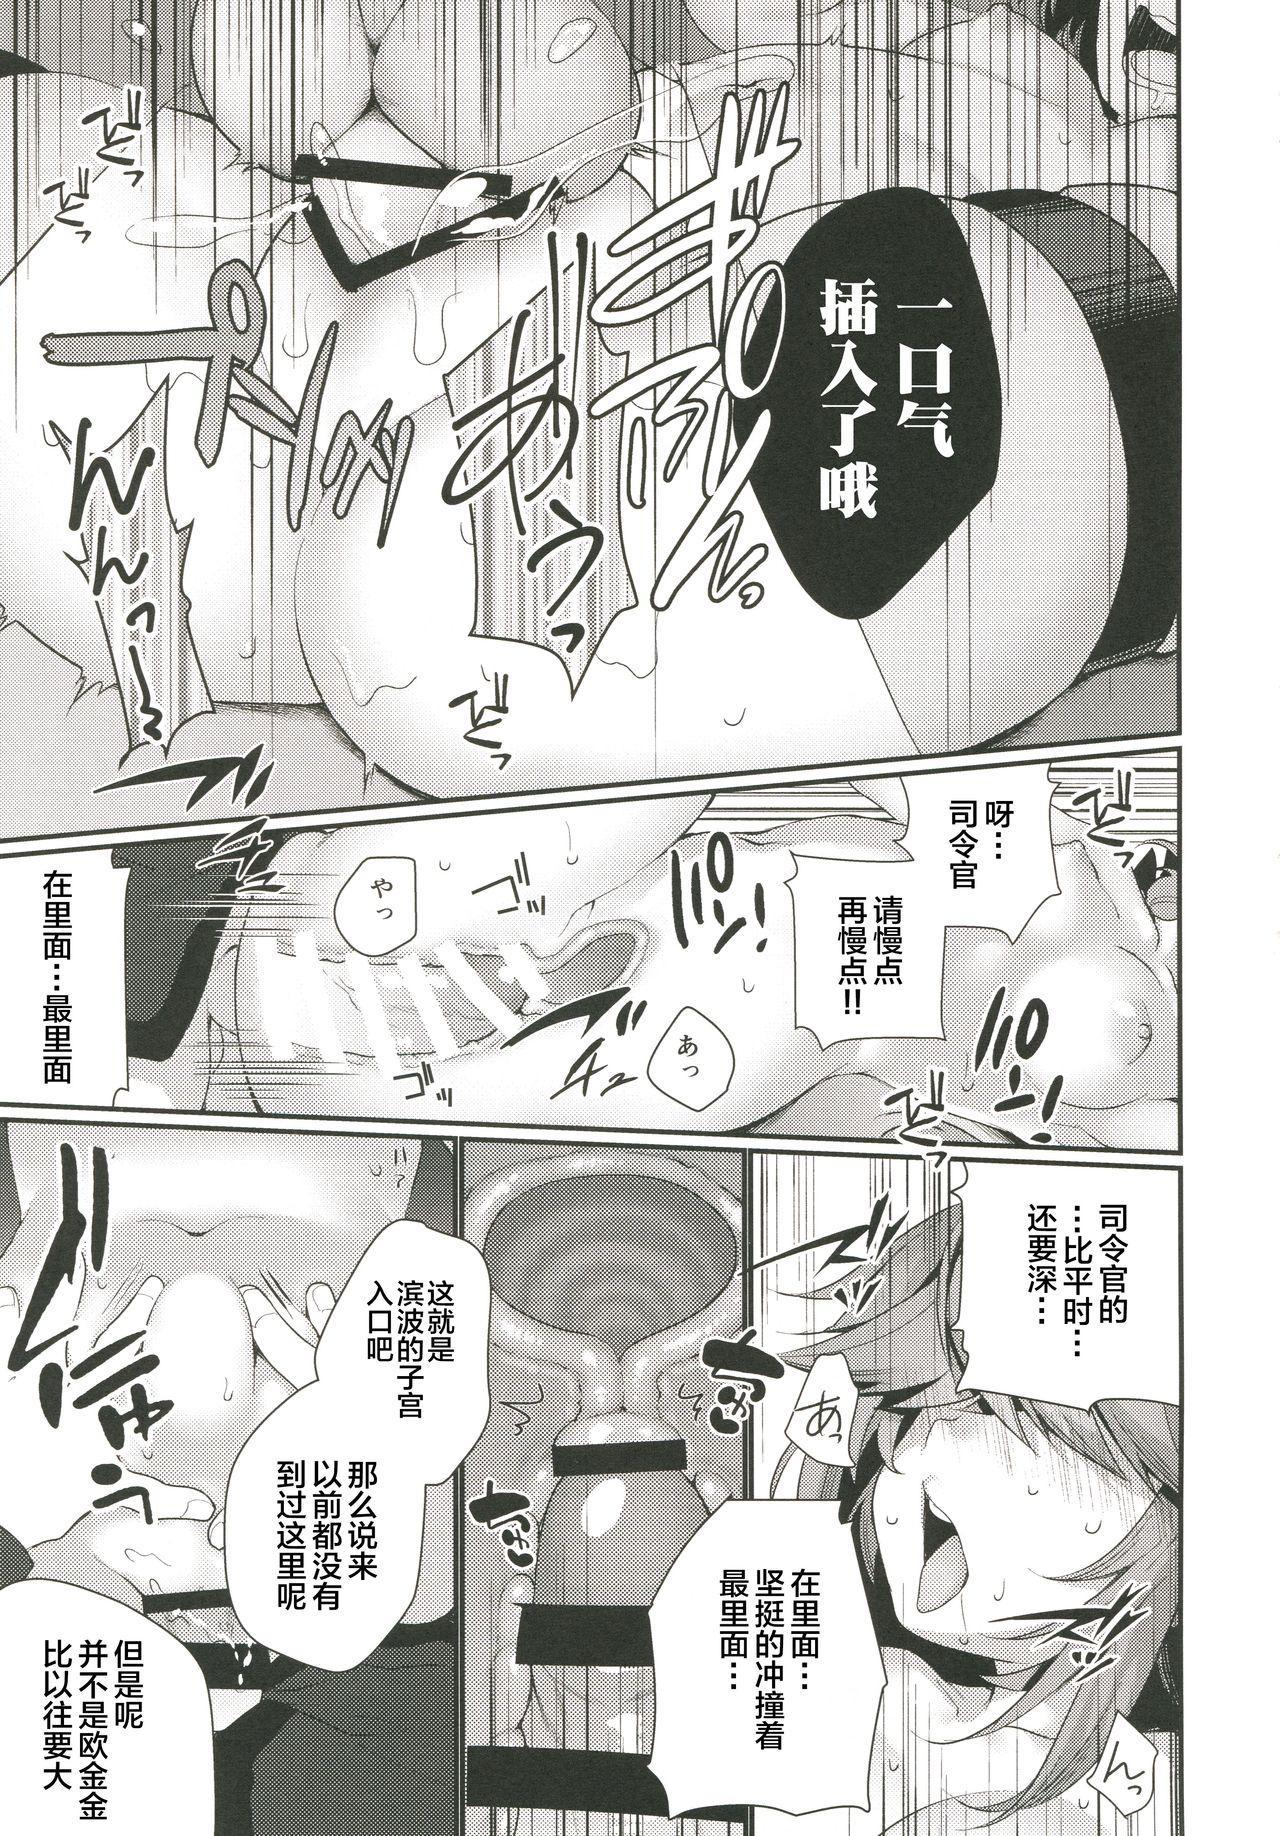 1-koma mo Me ga Denai Hamanami no Erohon 14